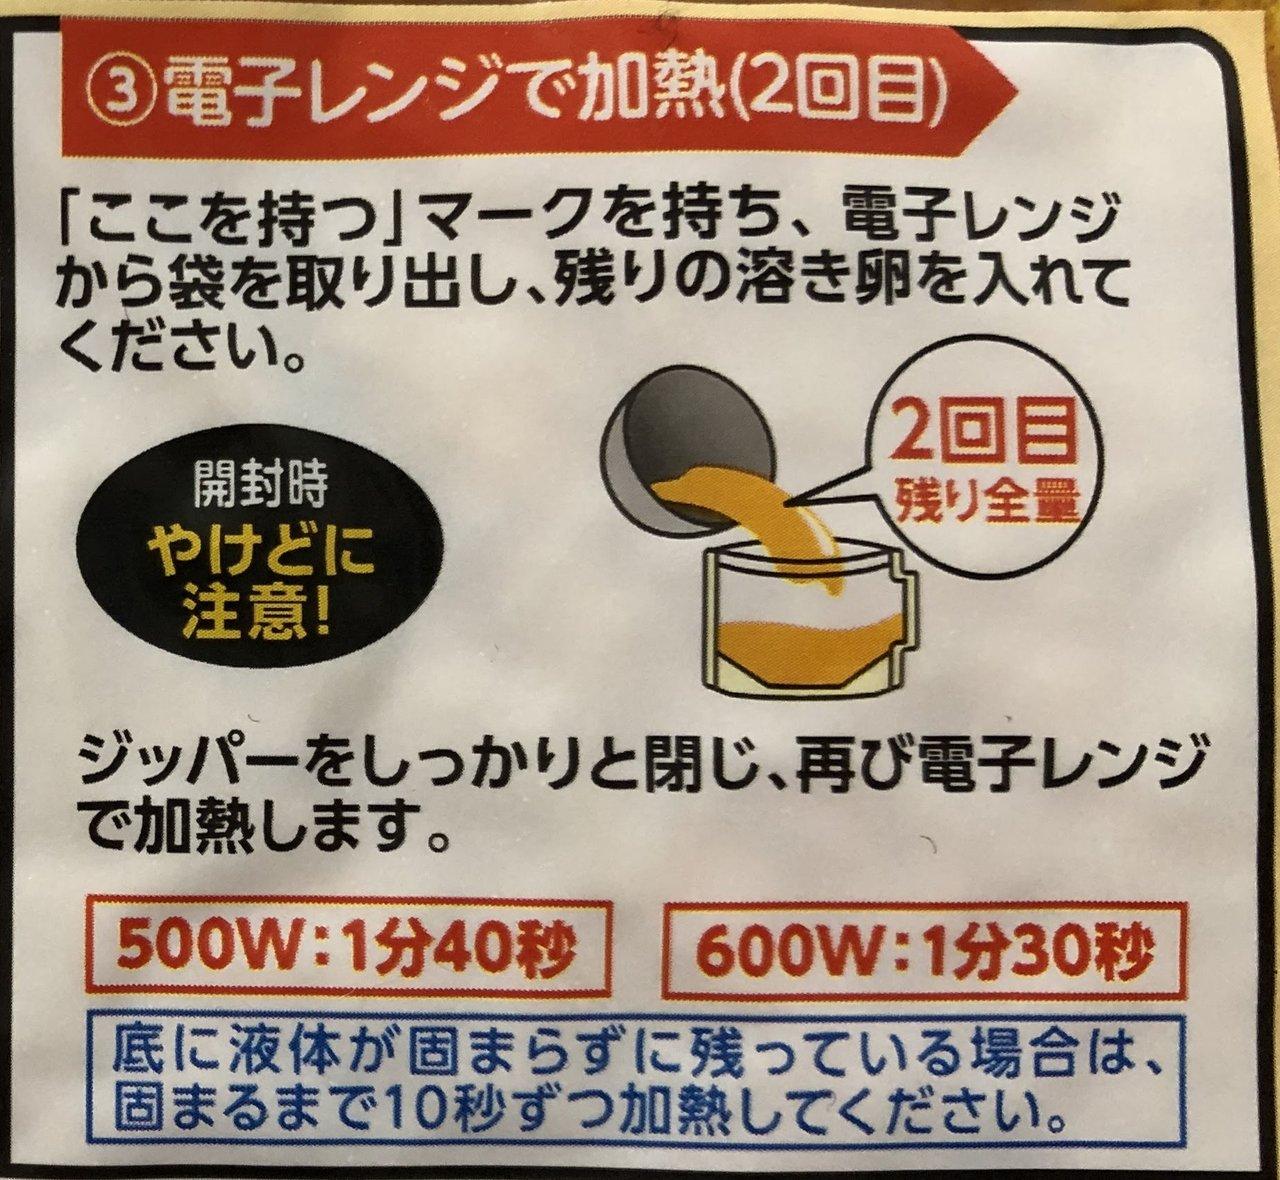 袋のままできるチキンオムライス,電子レンジで加熱(2回目)